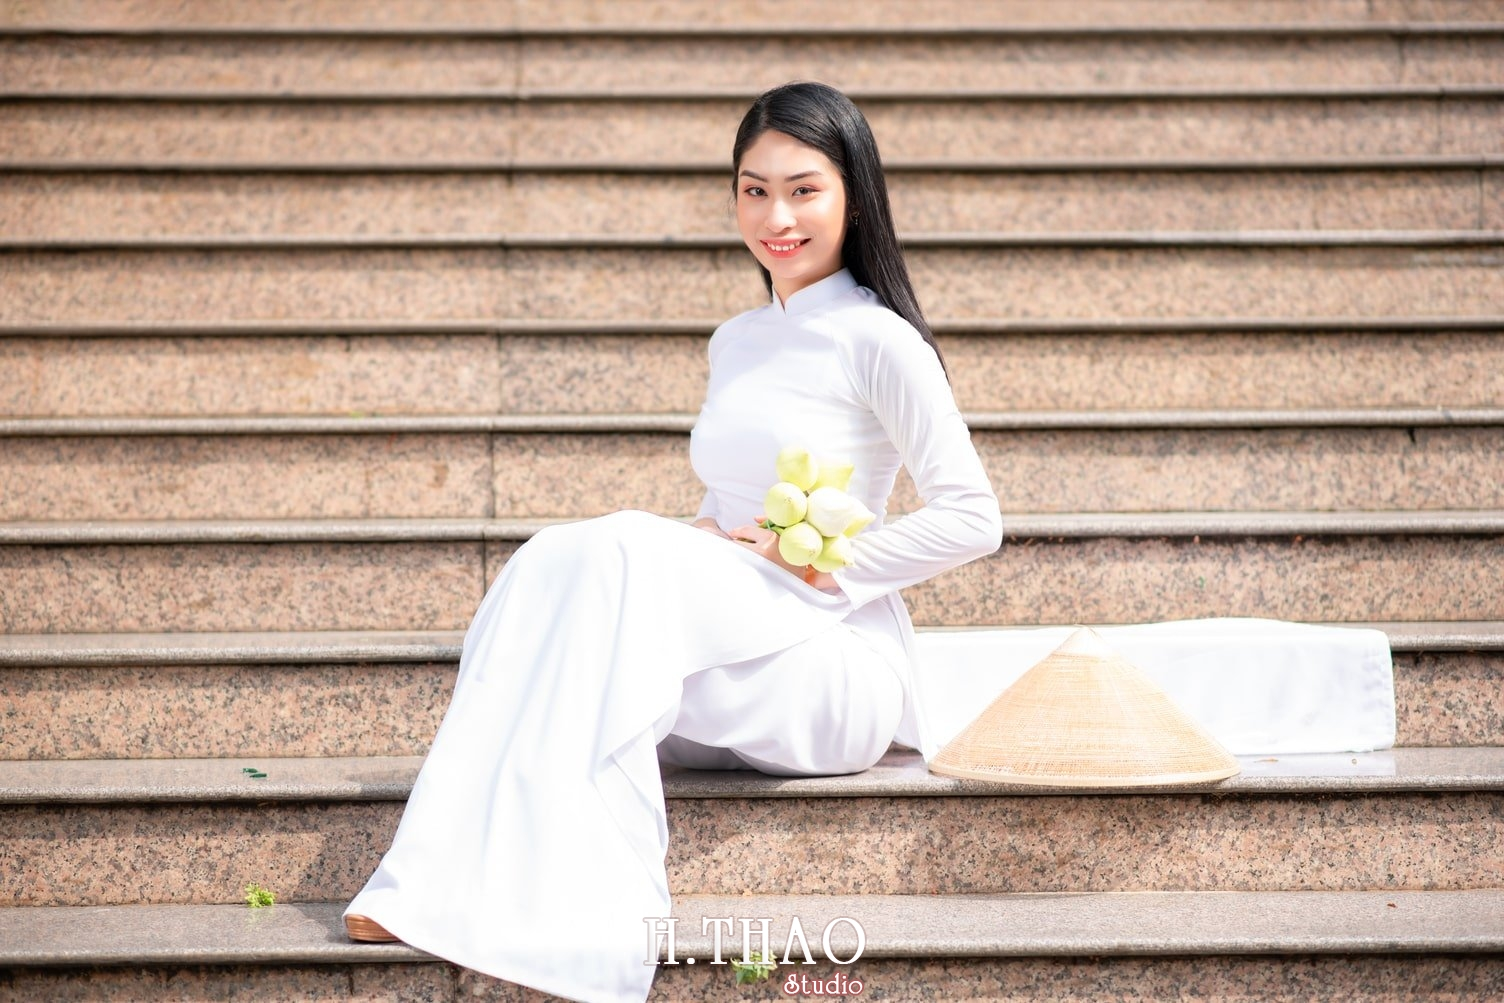 Ao dai trang 13 - Album áo dài trắng tại Thiền Viện Vạn Hạnh - HThao Studio